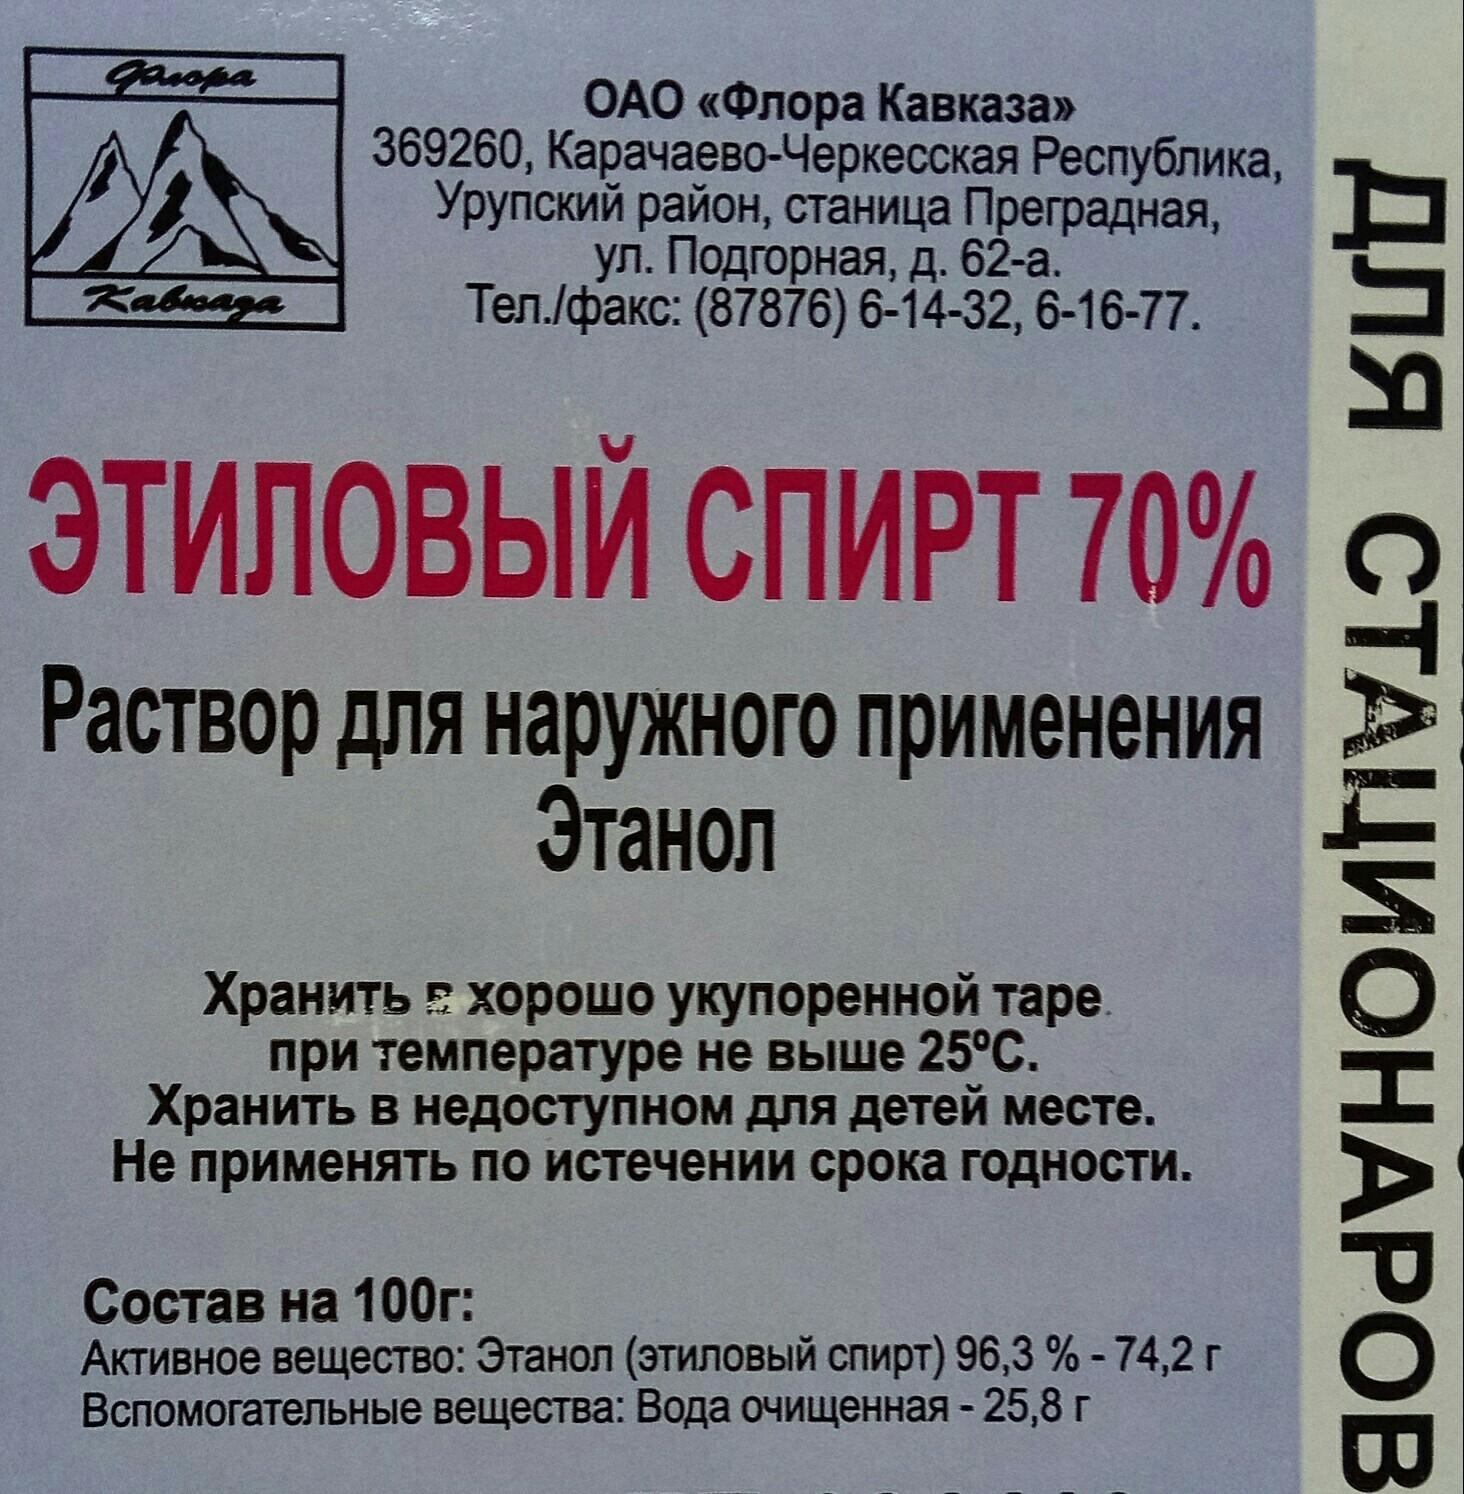 Как в России изготавливают этиловый спирт